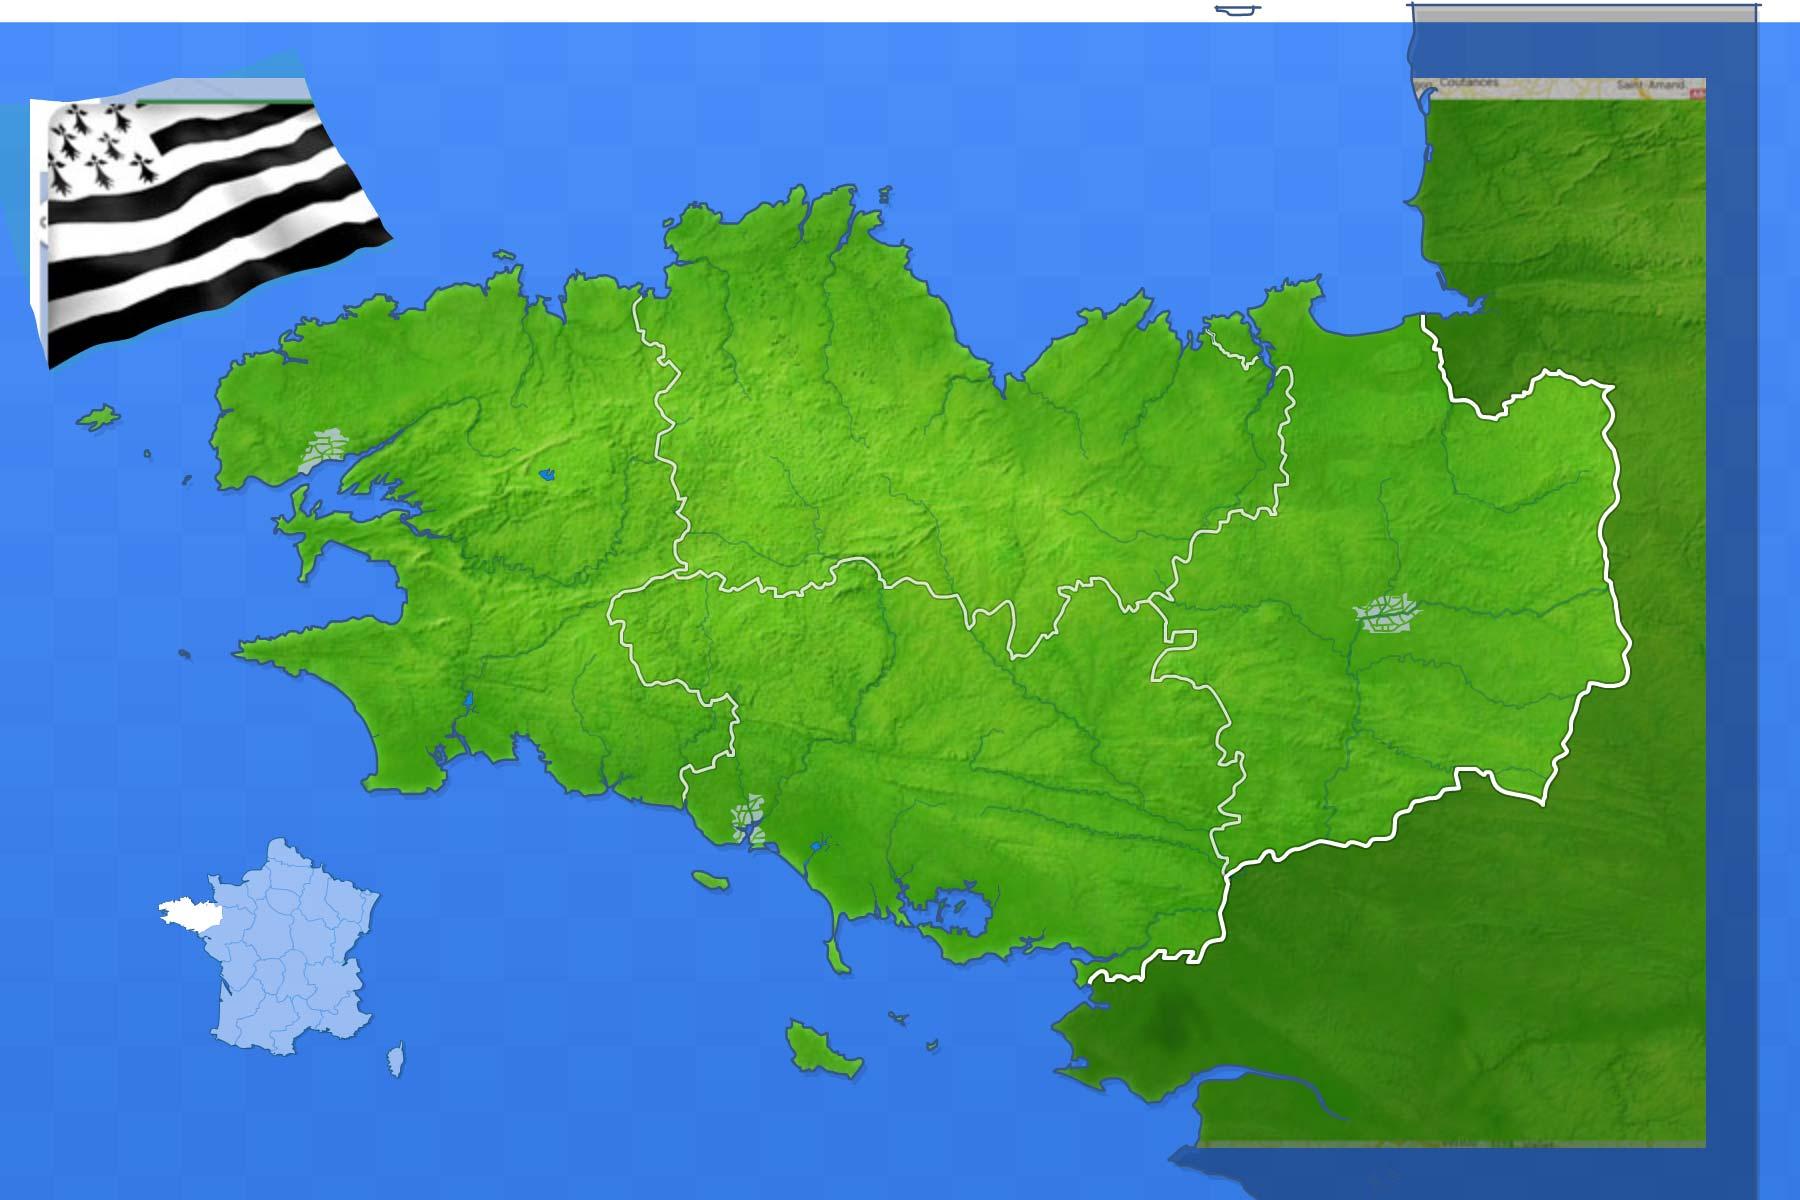 Jeux-Geographiques Jeux Gratuits Villes De Bretagne encequiconcerne Jeux Géographique